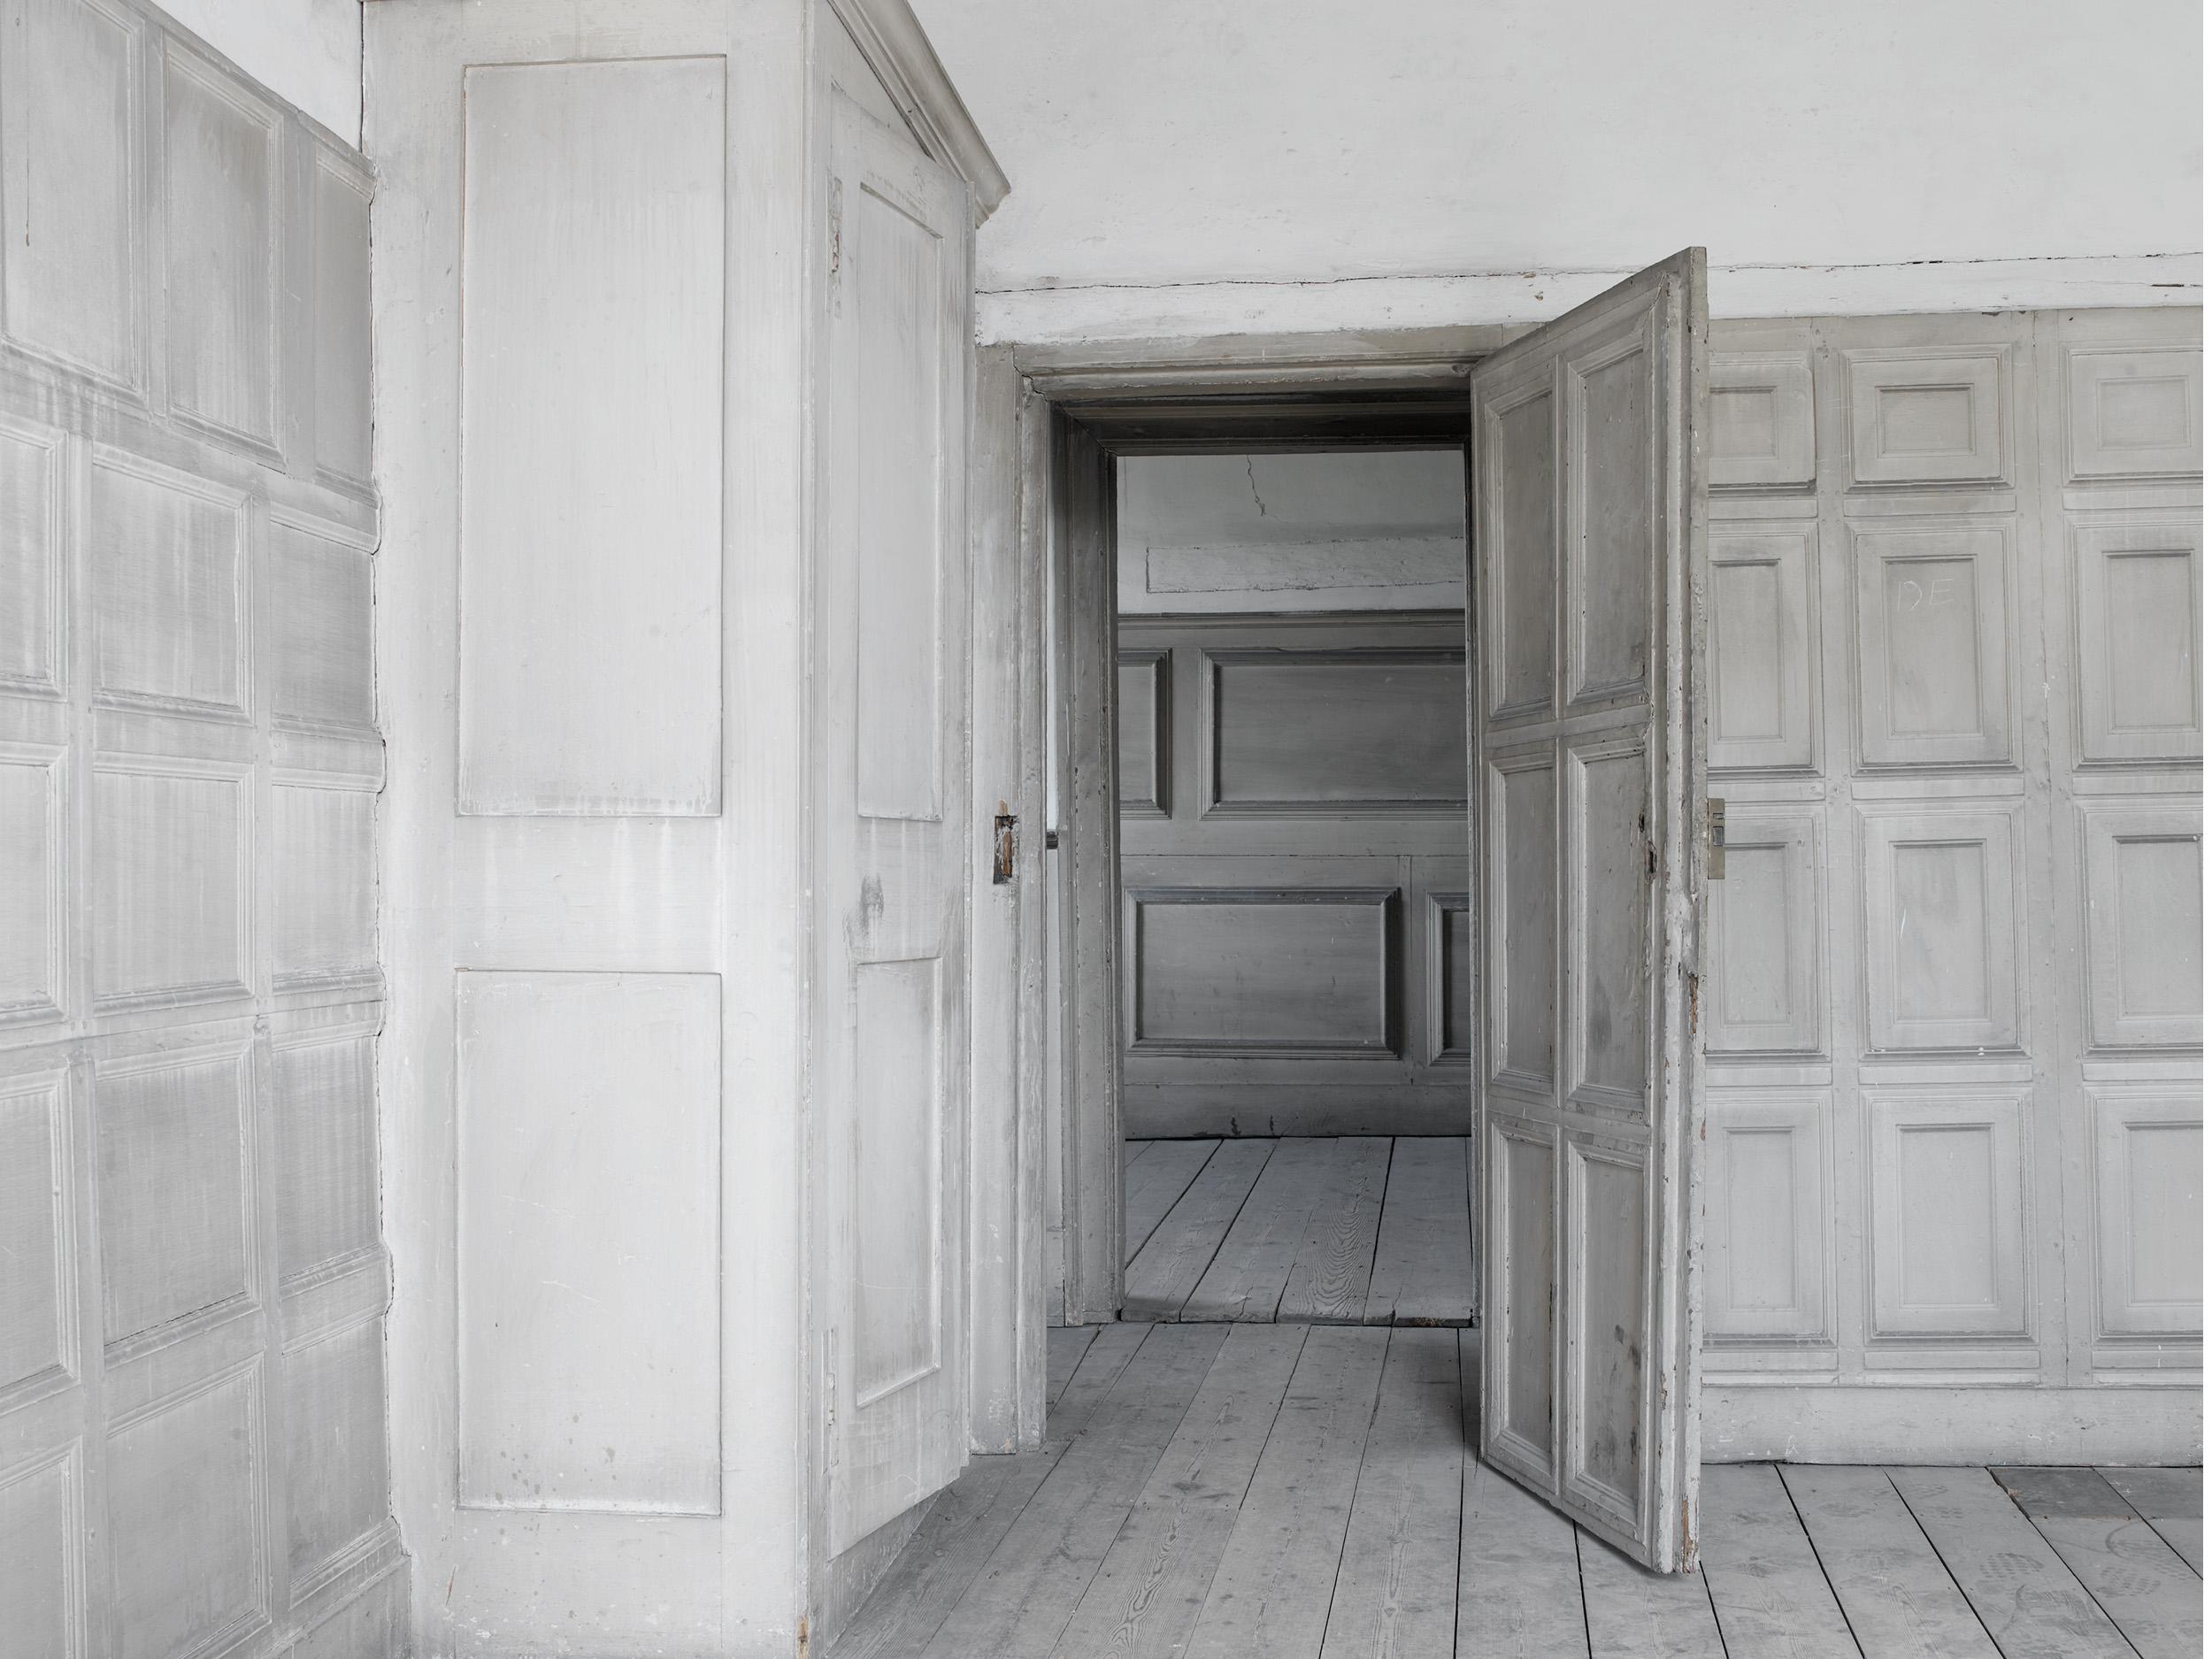 Kew Palace Interior.jpg